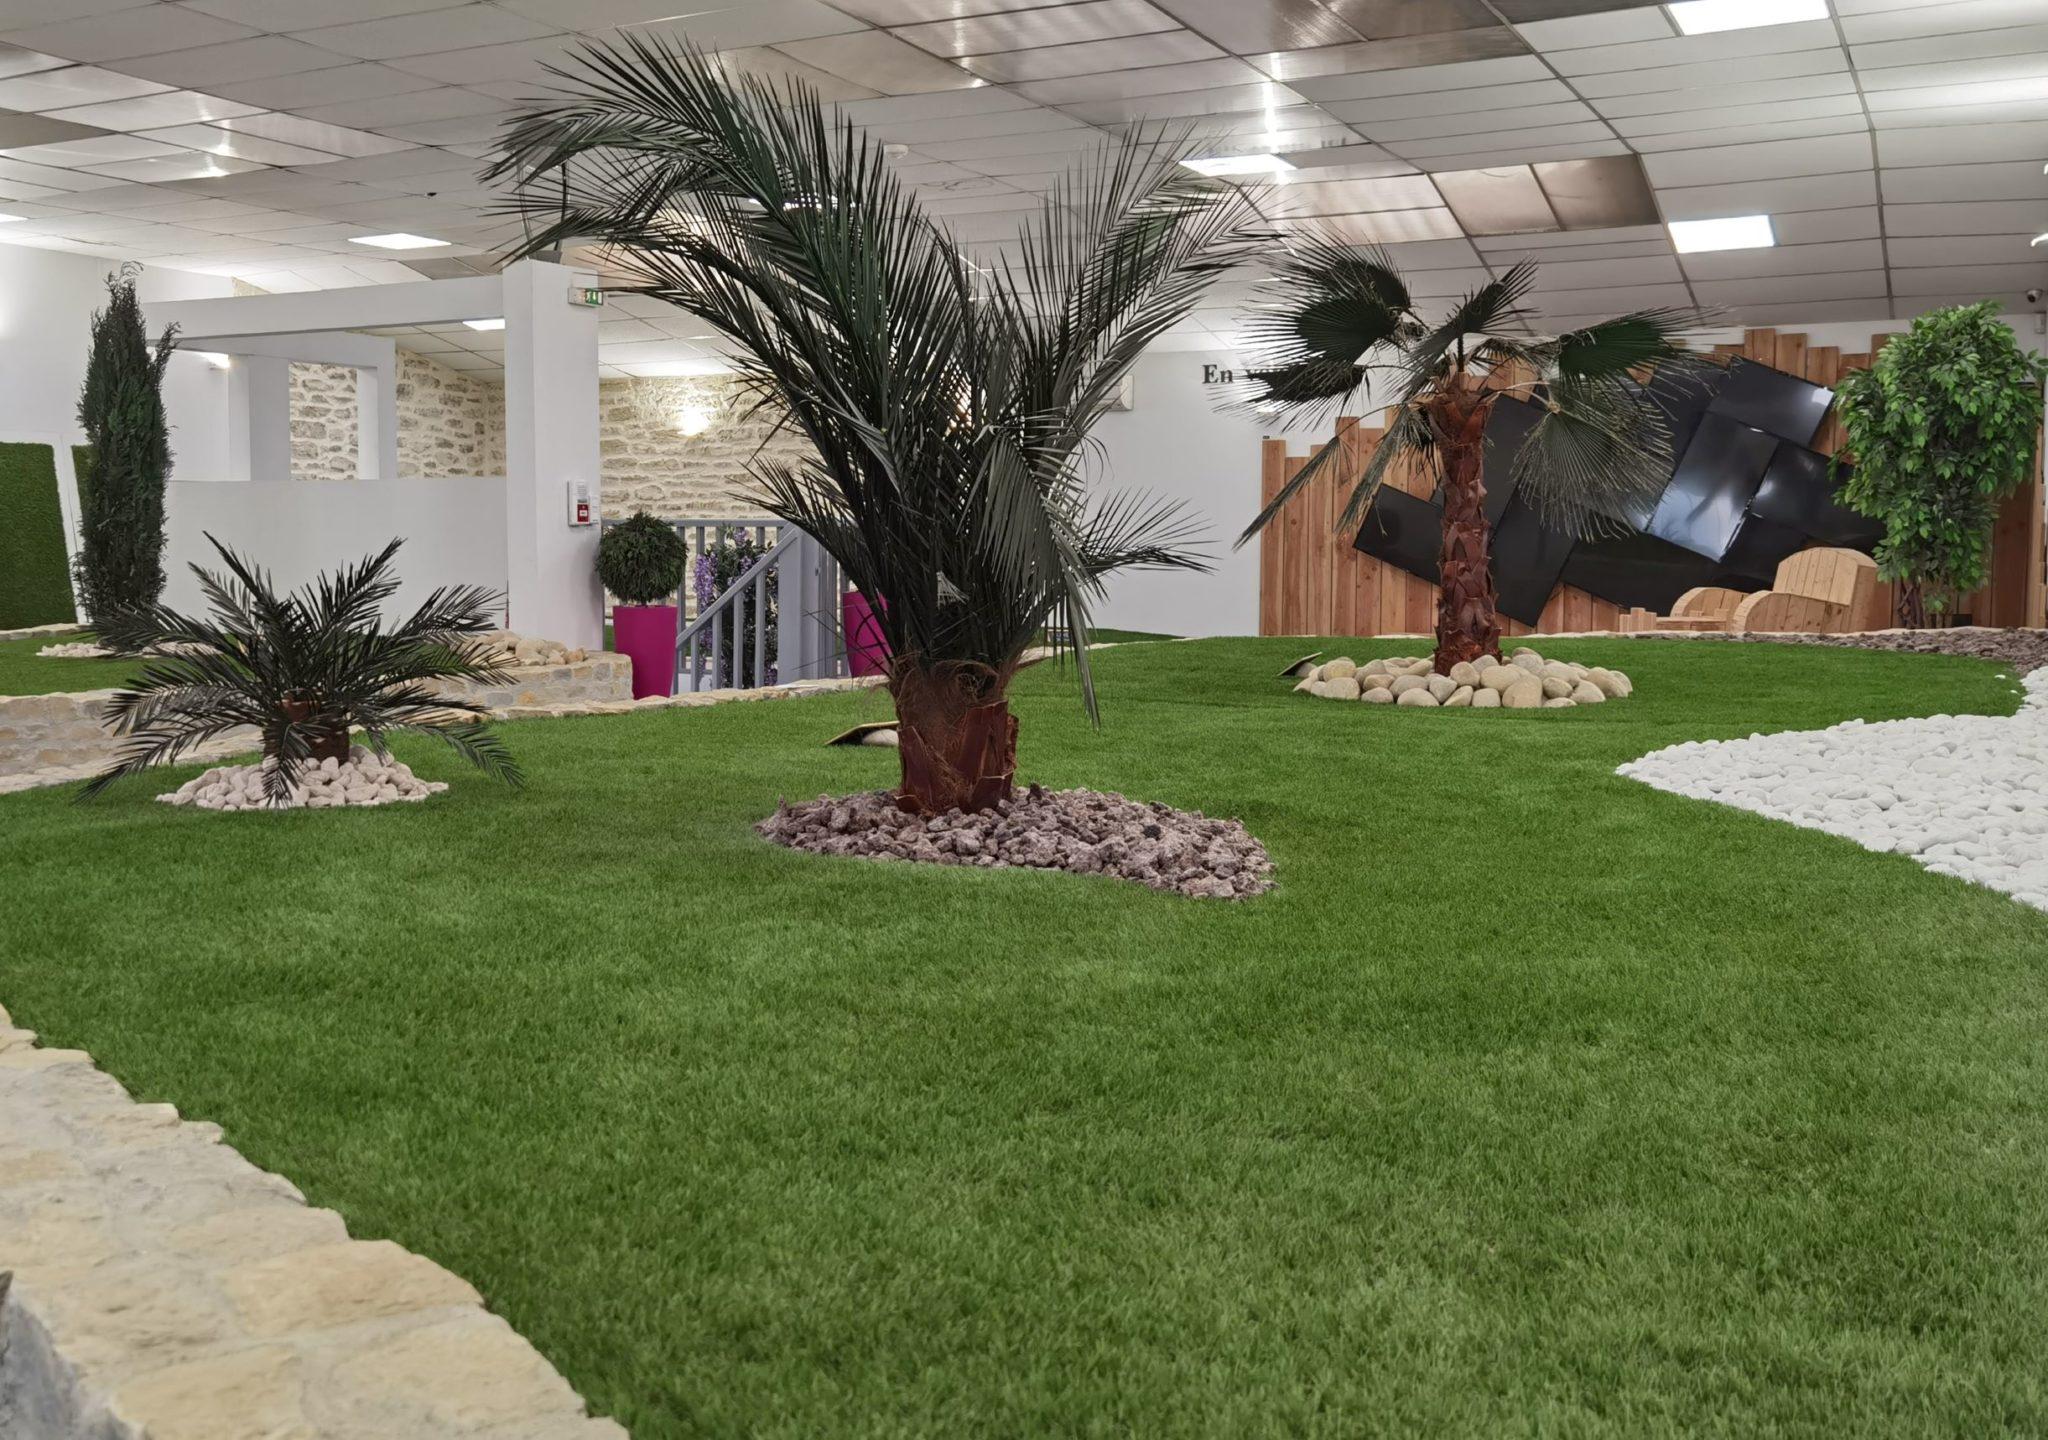 Notre magasin/showroom implanté à Six-Fours près des Bouches-du-Rhône